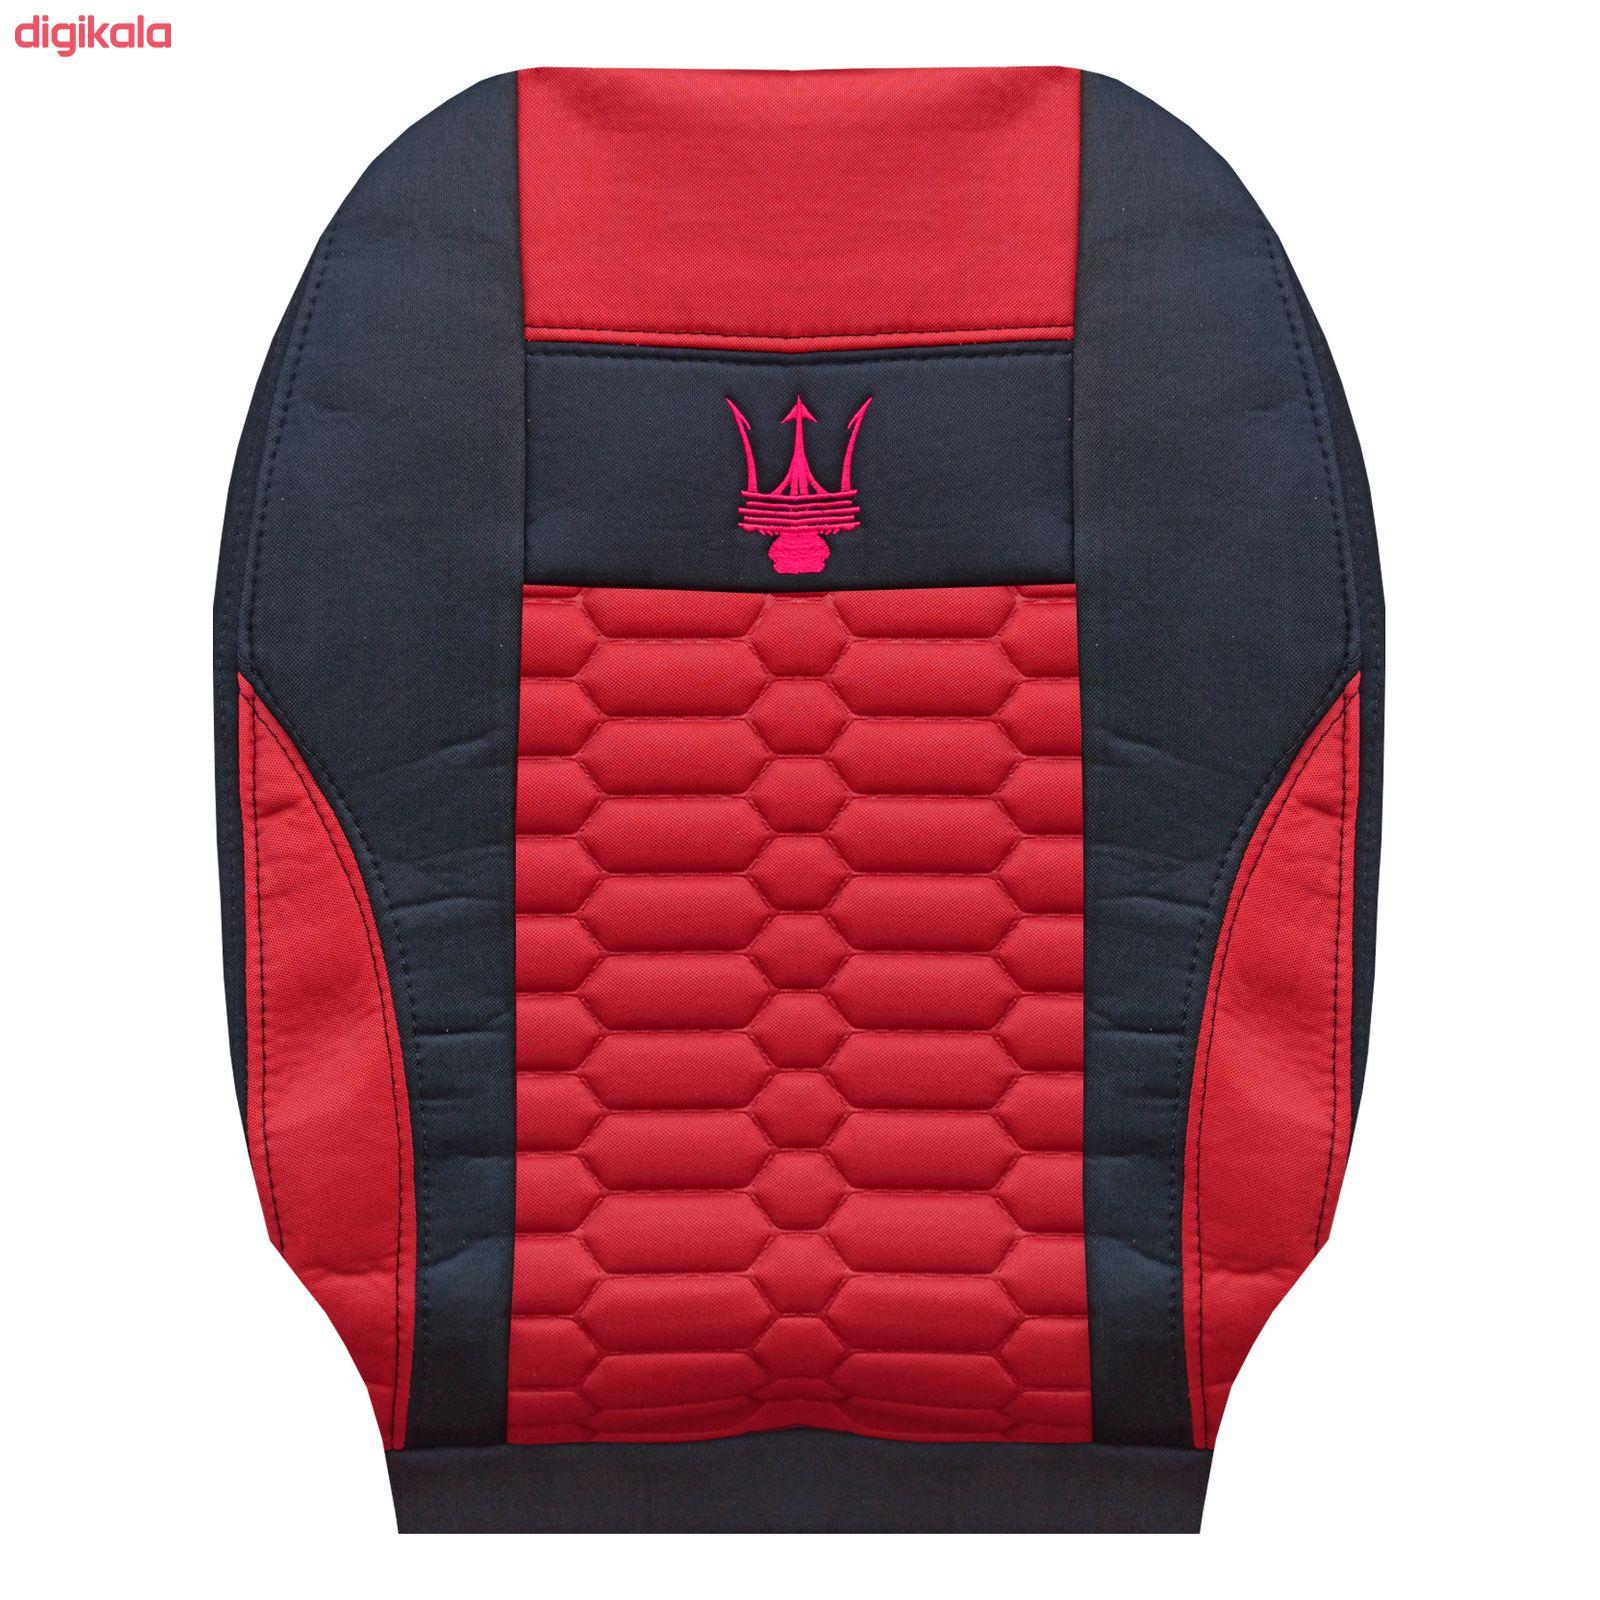 روکش صندلی خودرو مدل SAR003 مناسب برای پراید 131 main 1 4